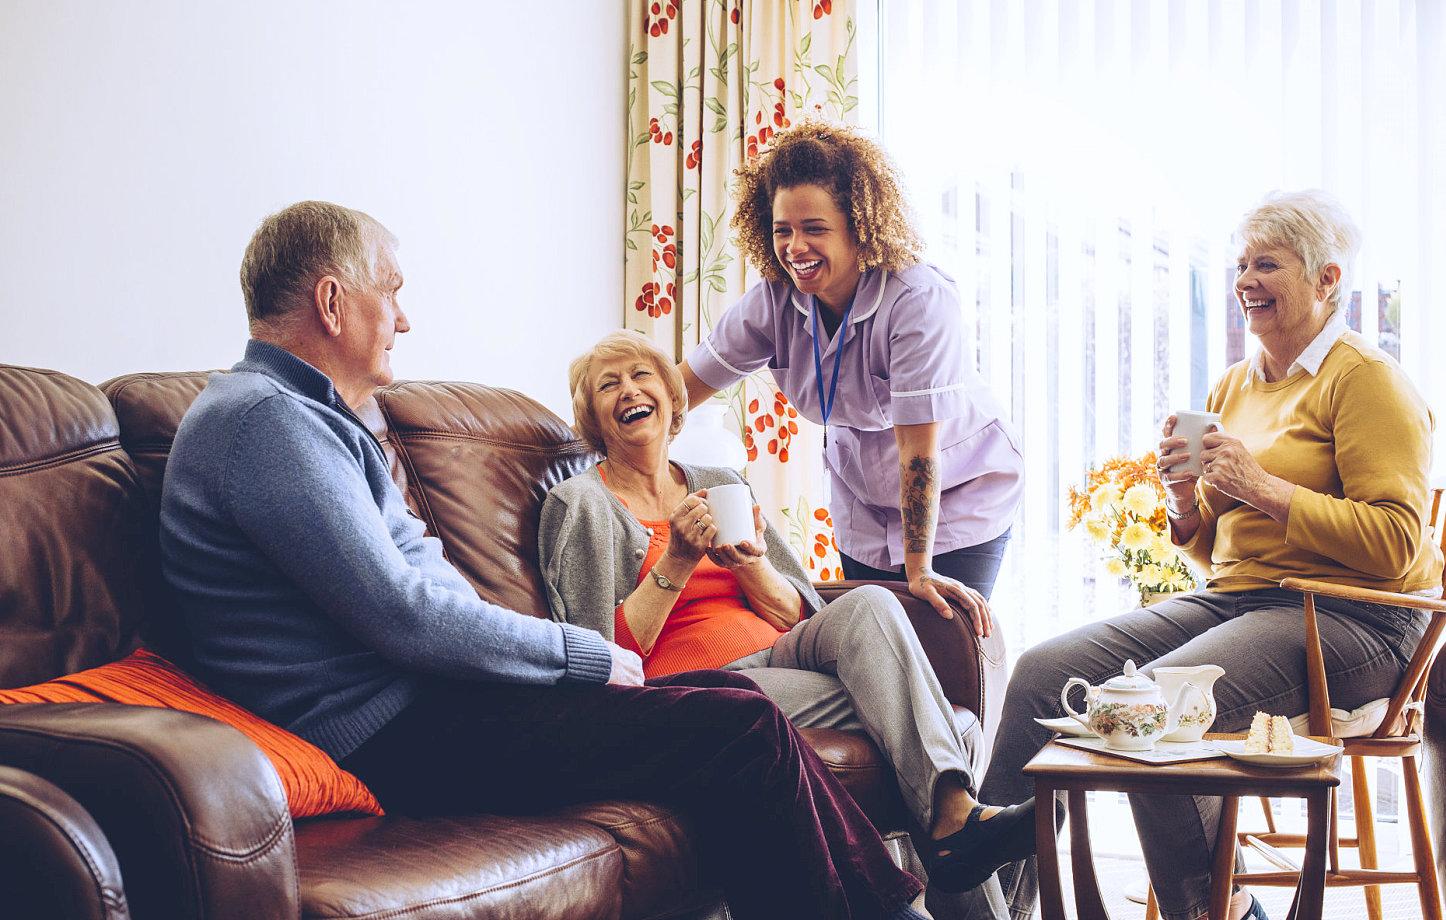 caregiver assisting a group of senior